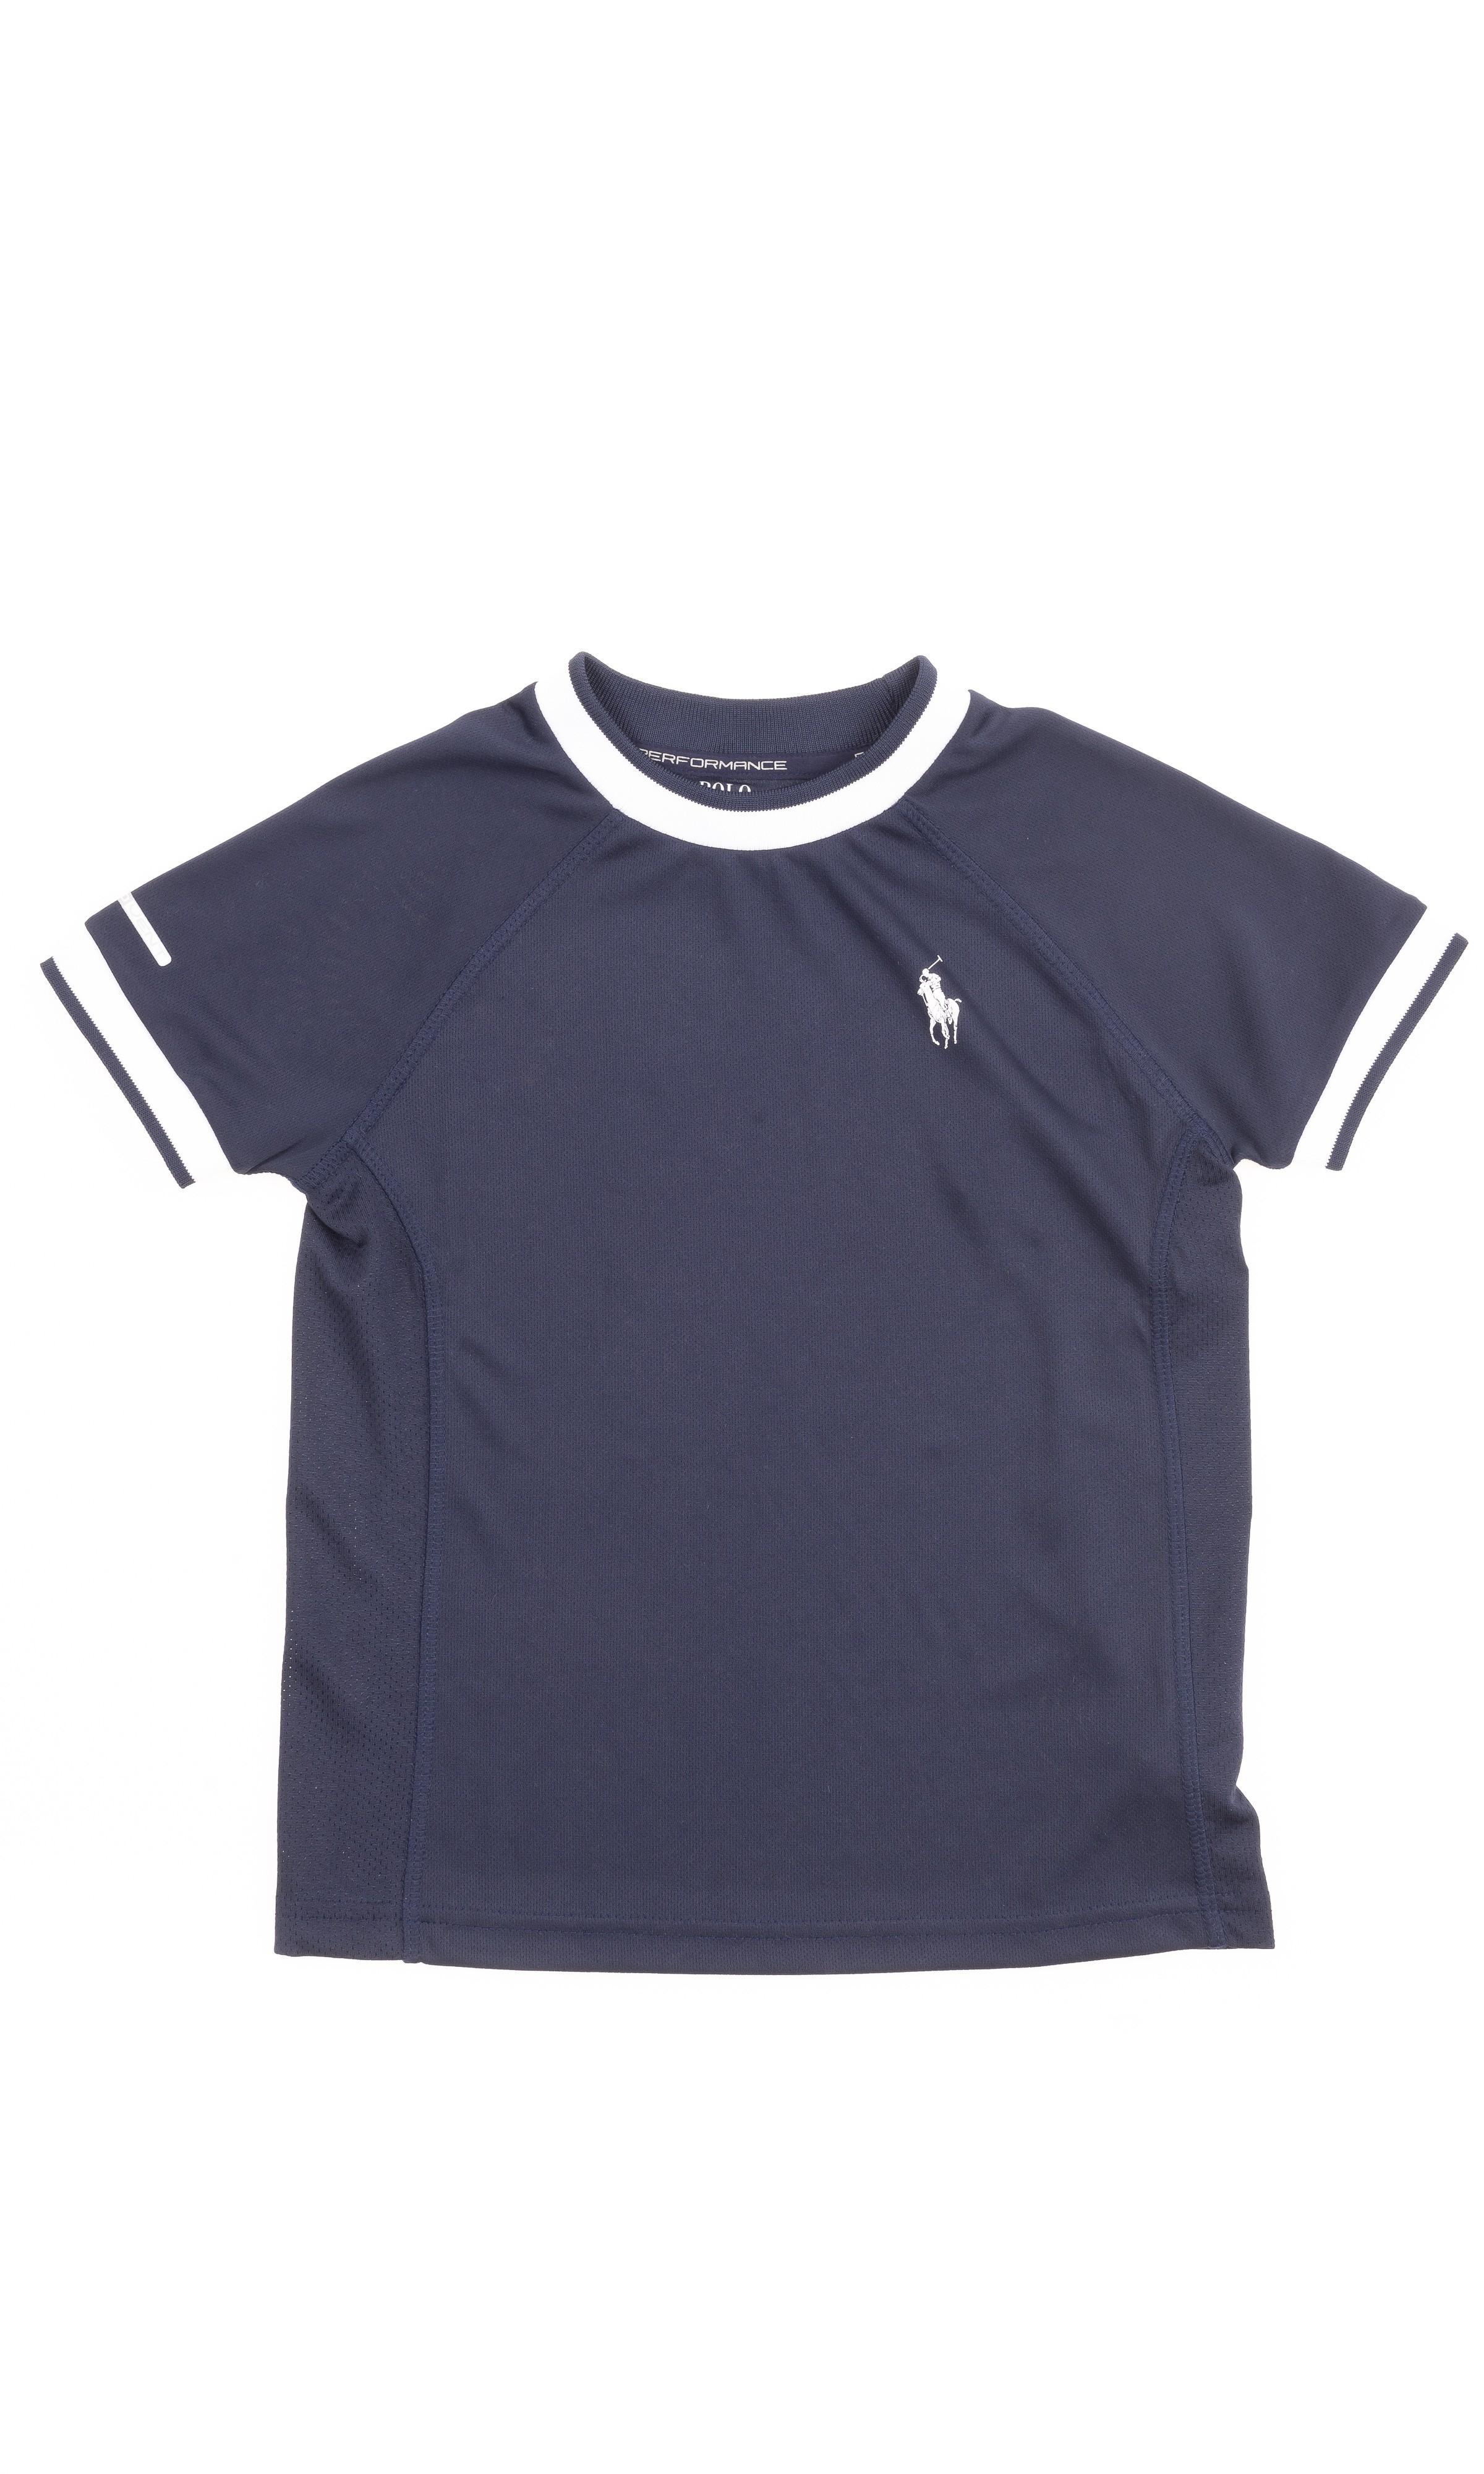 a7aa0b9b4 Granatowy t-shirt chłopięcy